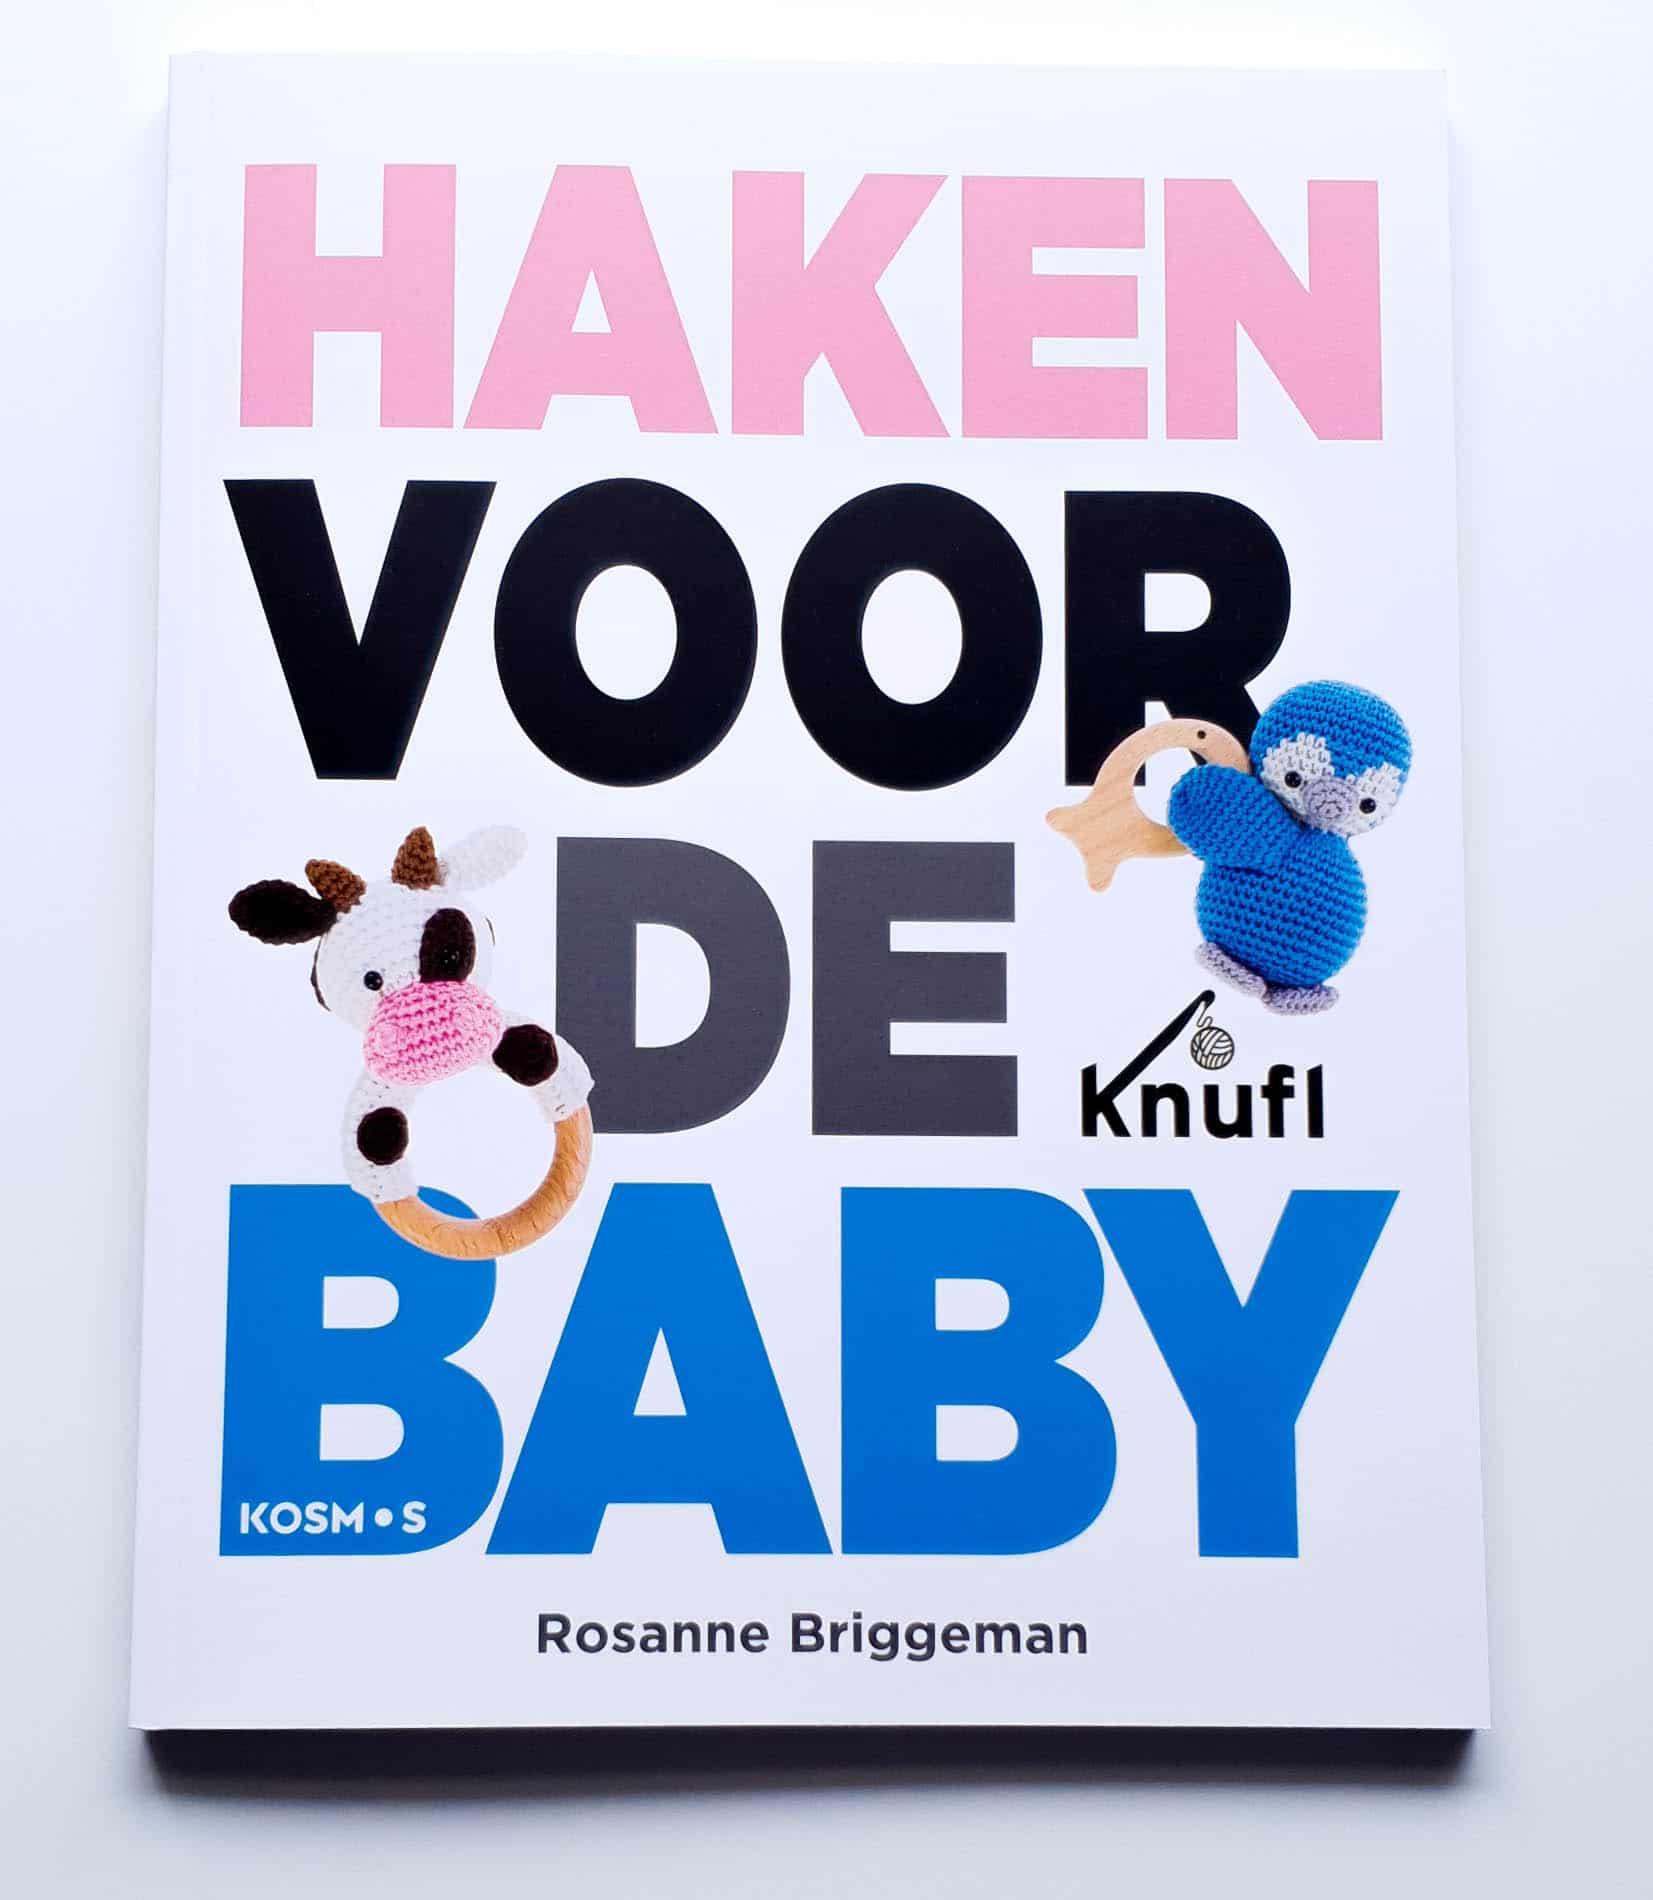 Haken voor de baby - Rosanne Briggeman voorkant